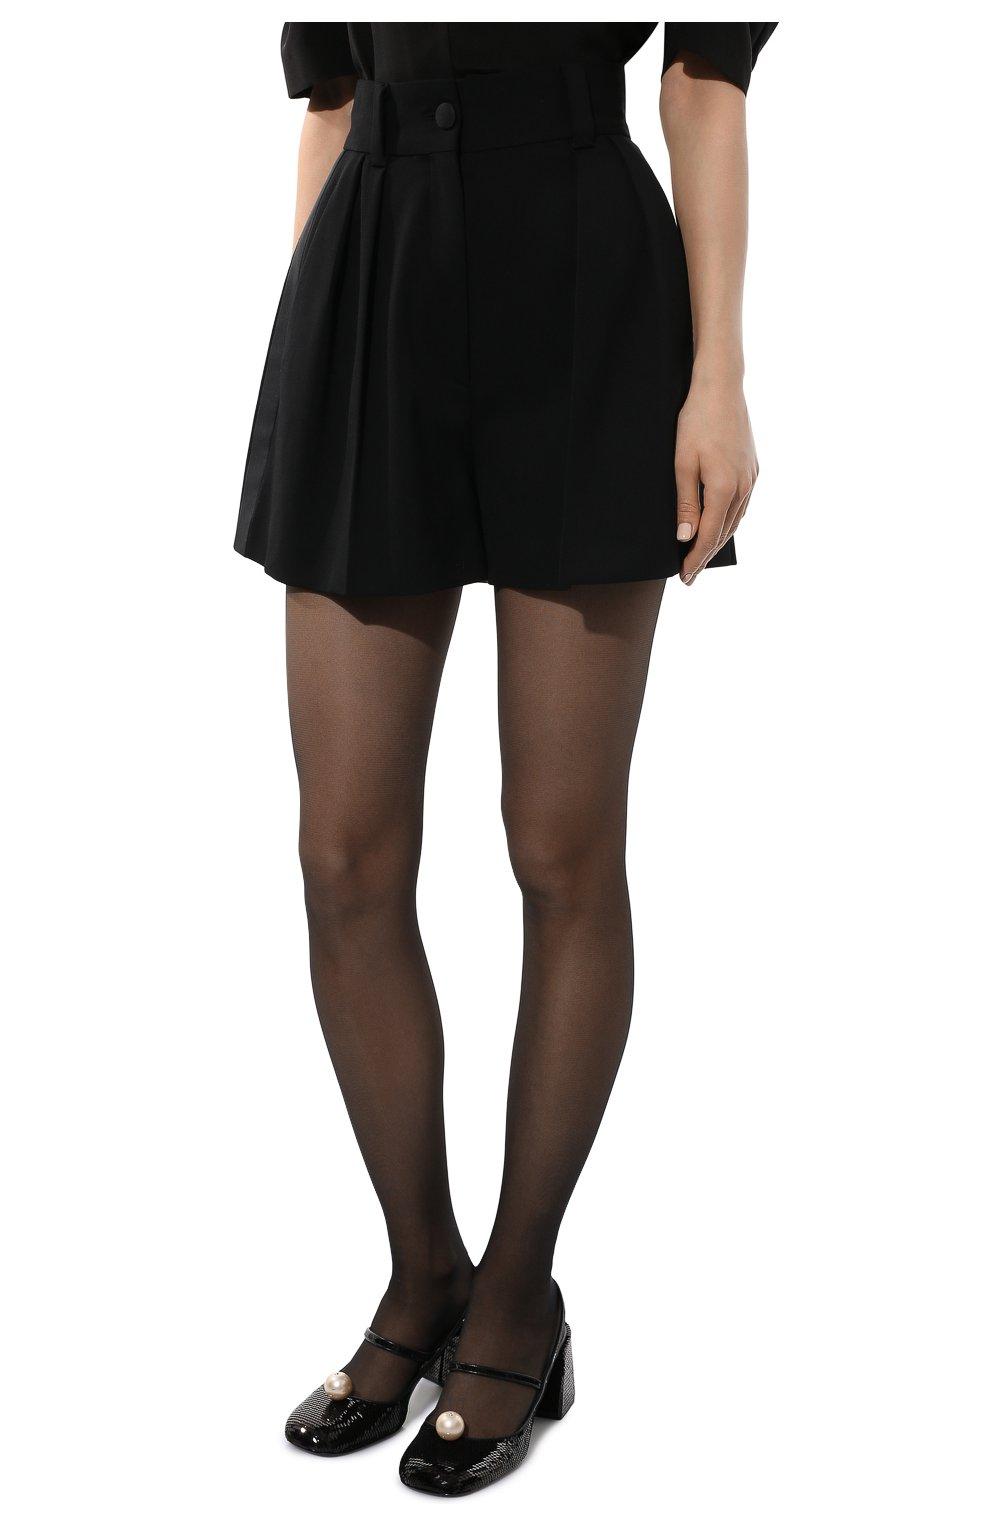 Женские шерстяные шорты MIU MIU черного цвета, арт. MP1425-1R1-F0002 | Фото 3 (Женское Кросс-КТ: Шорты-одежда; Материал внешний: Шерсть; Длина Ж (юбки, платья, шорты): Мини; Кросс-КТ: Широкие; Стили: Классический)